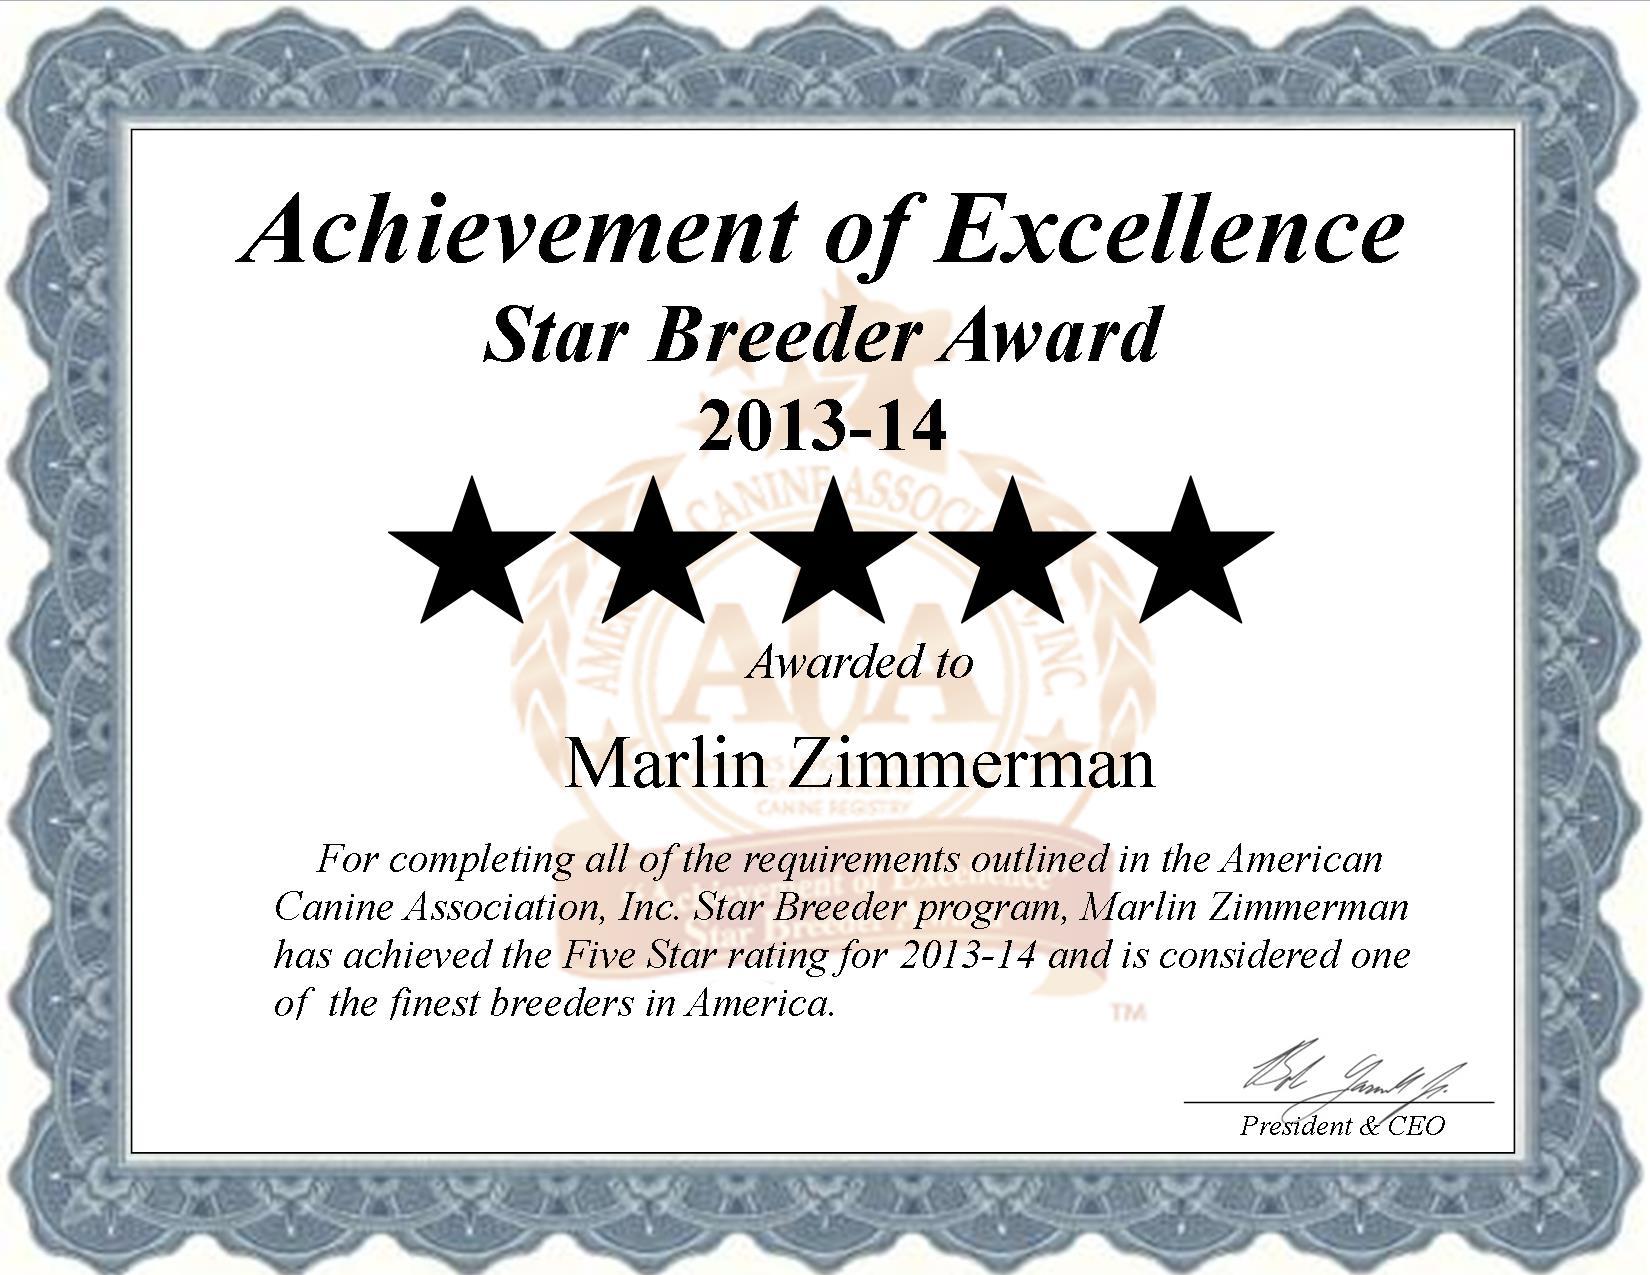 Marlin Zimmerman, Marlin, Zimmerman, Zimmerman kennel, Marlin Zimmerman breeder, East Earl, PA Pennsylvania, east earl pa, breeder, star breeder, 5 star breeders,  starbreeder, starbreeders, 2 star, dog, puppy, puppies